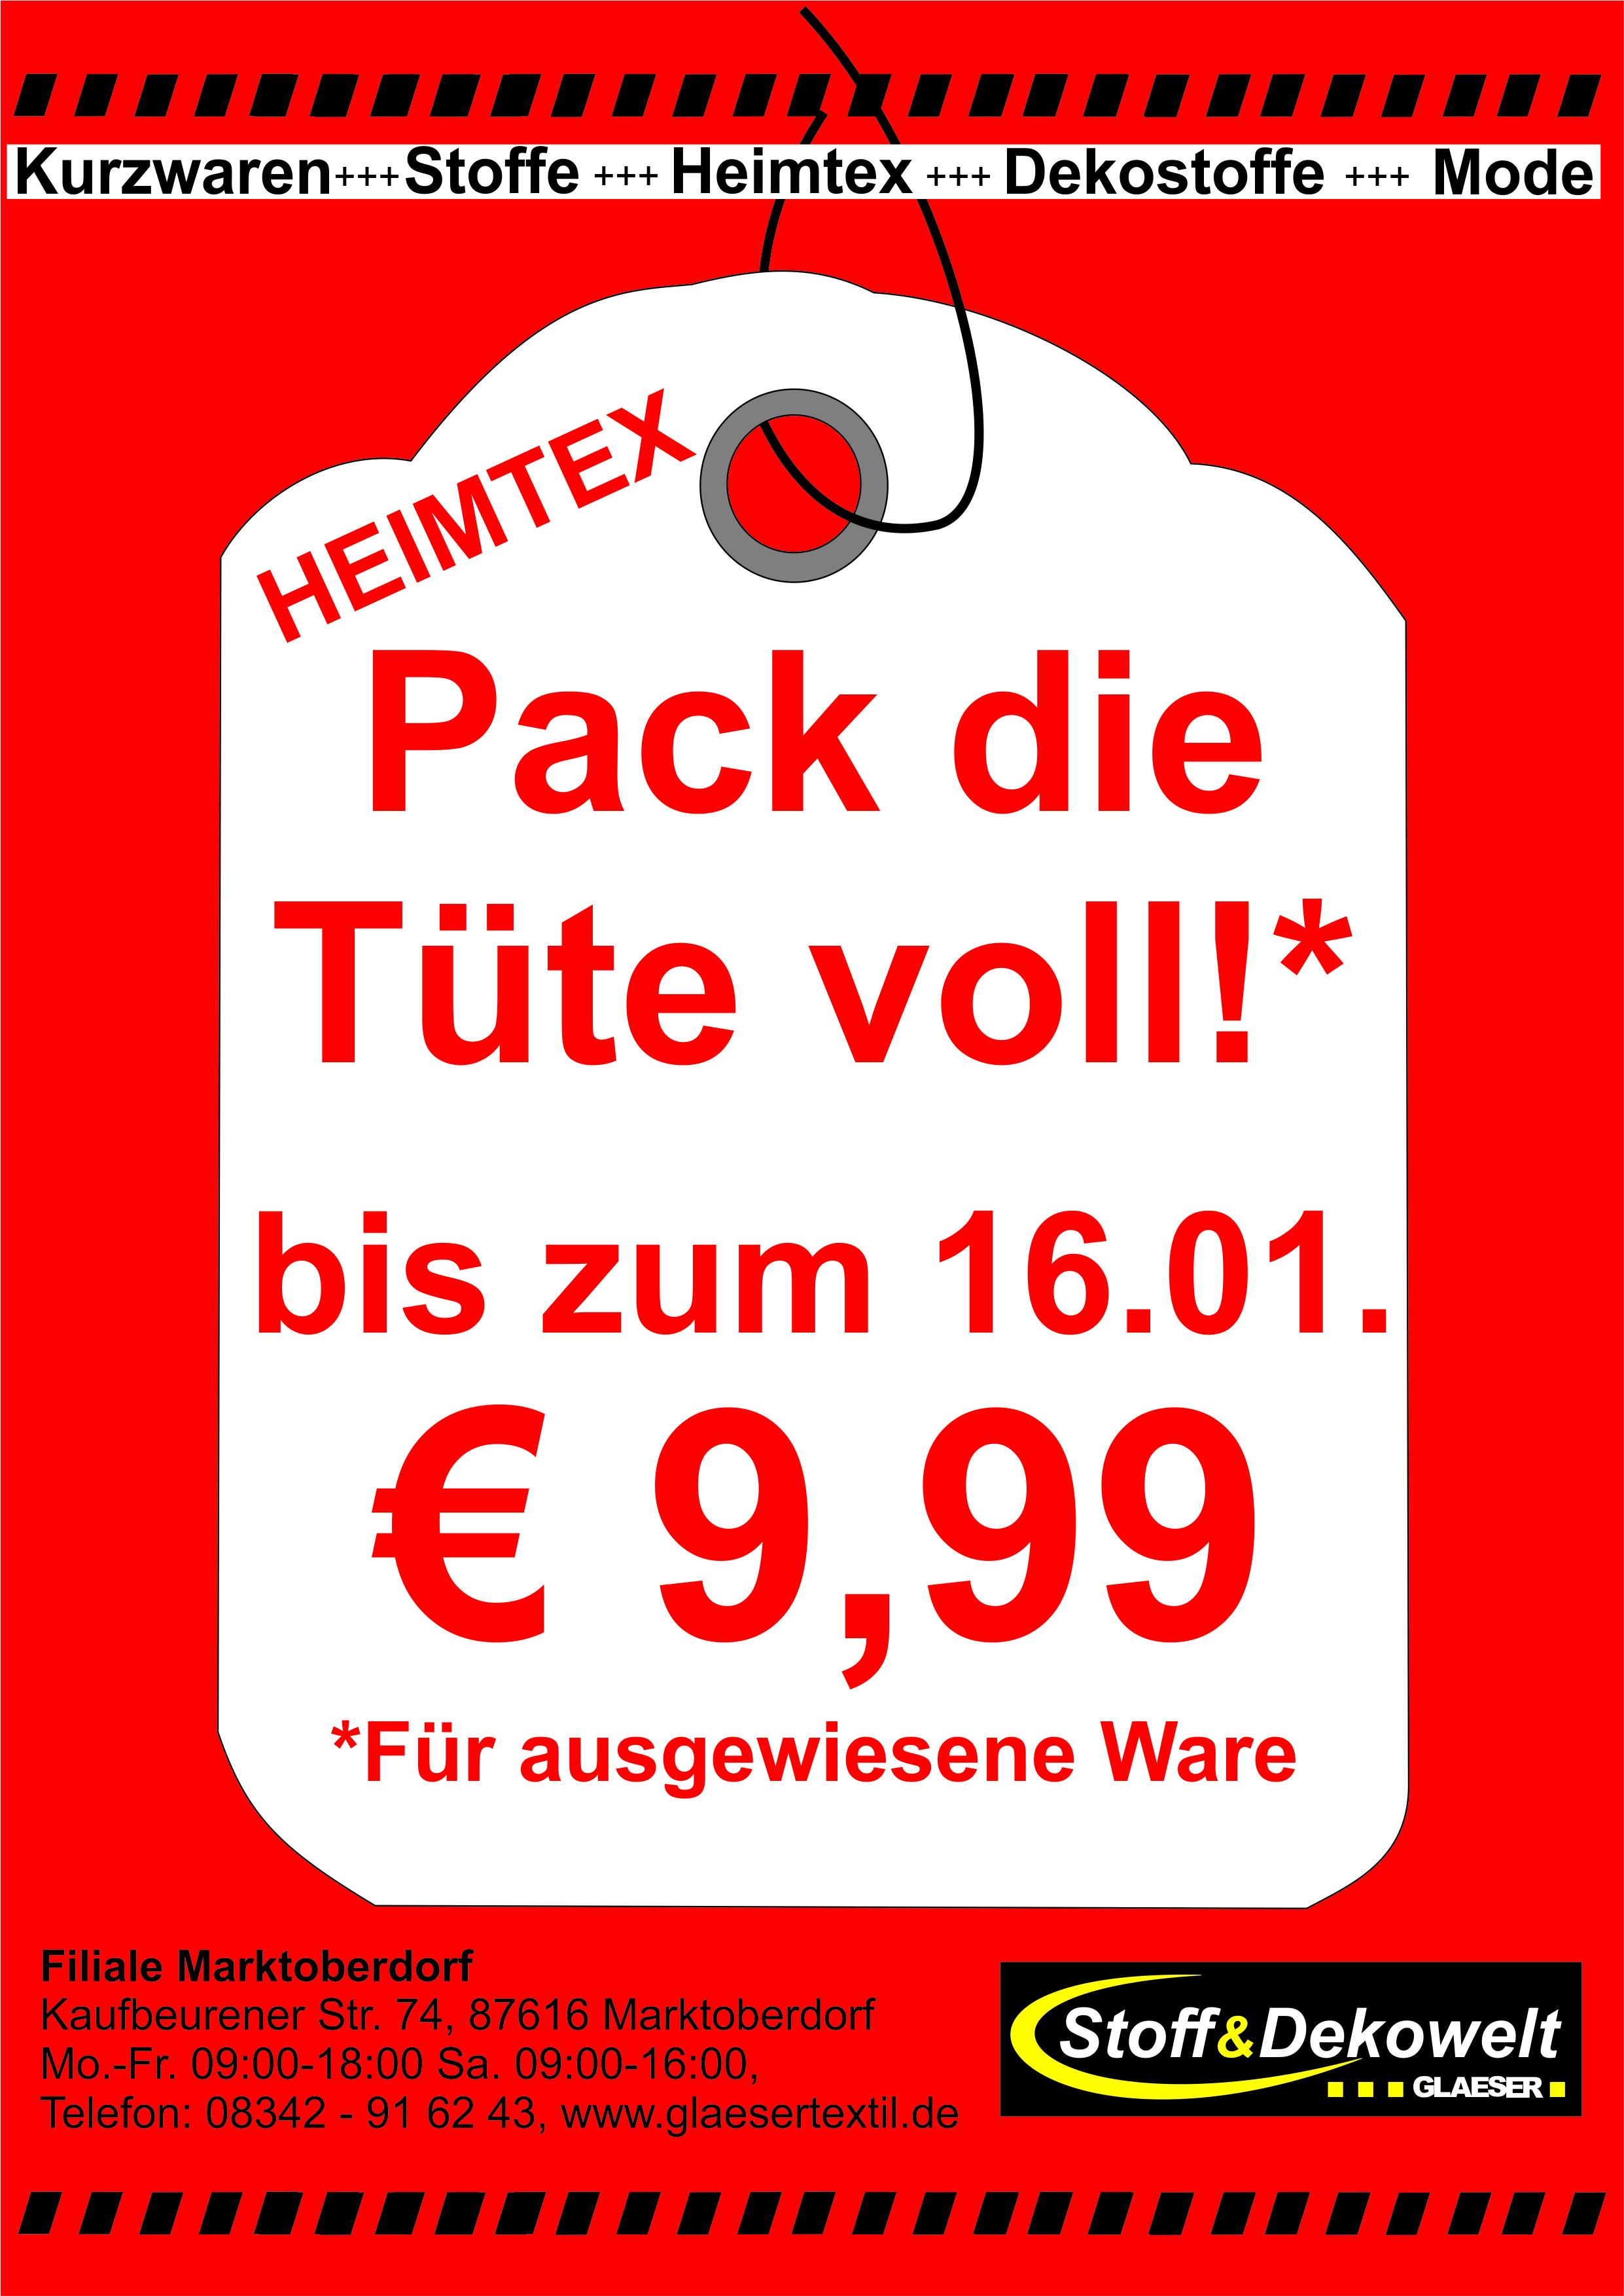 Pack die Tüte voll! 9,99€ Marktoberdorf